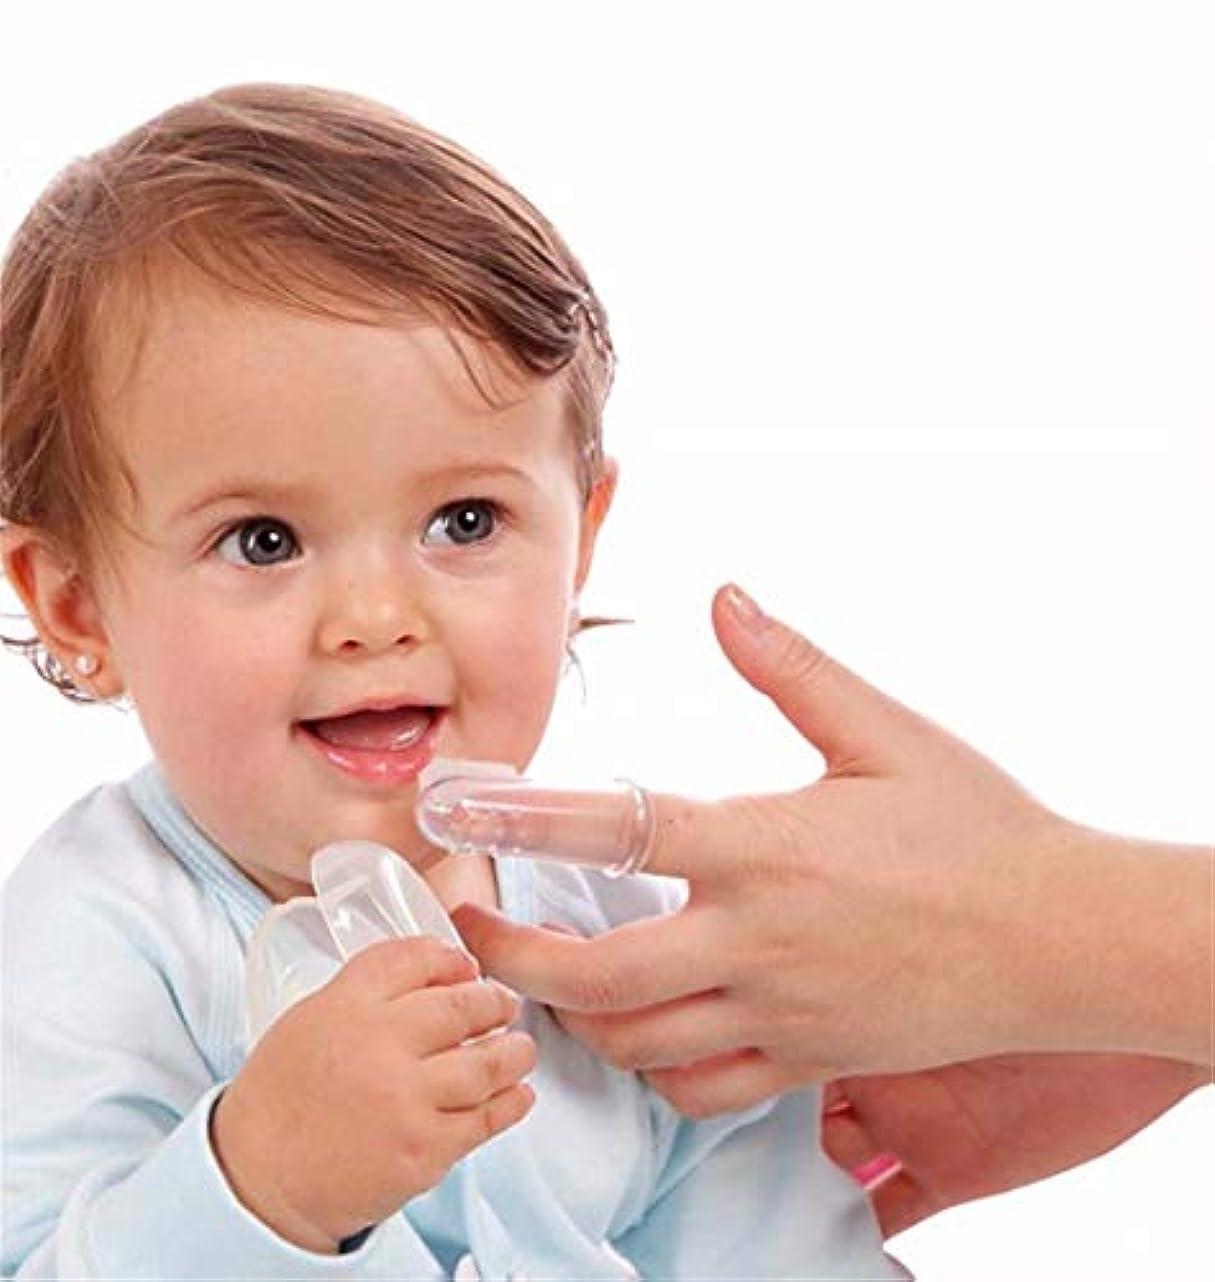 わずらわしいブランド名クリスマス七里の香 ベビー指歯ブラシ、乳児幼児子供用シリコーンソフトオーラルマッサージャージェントルケア